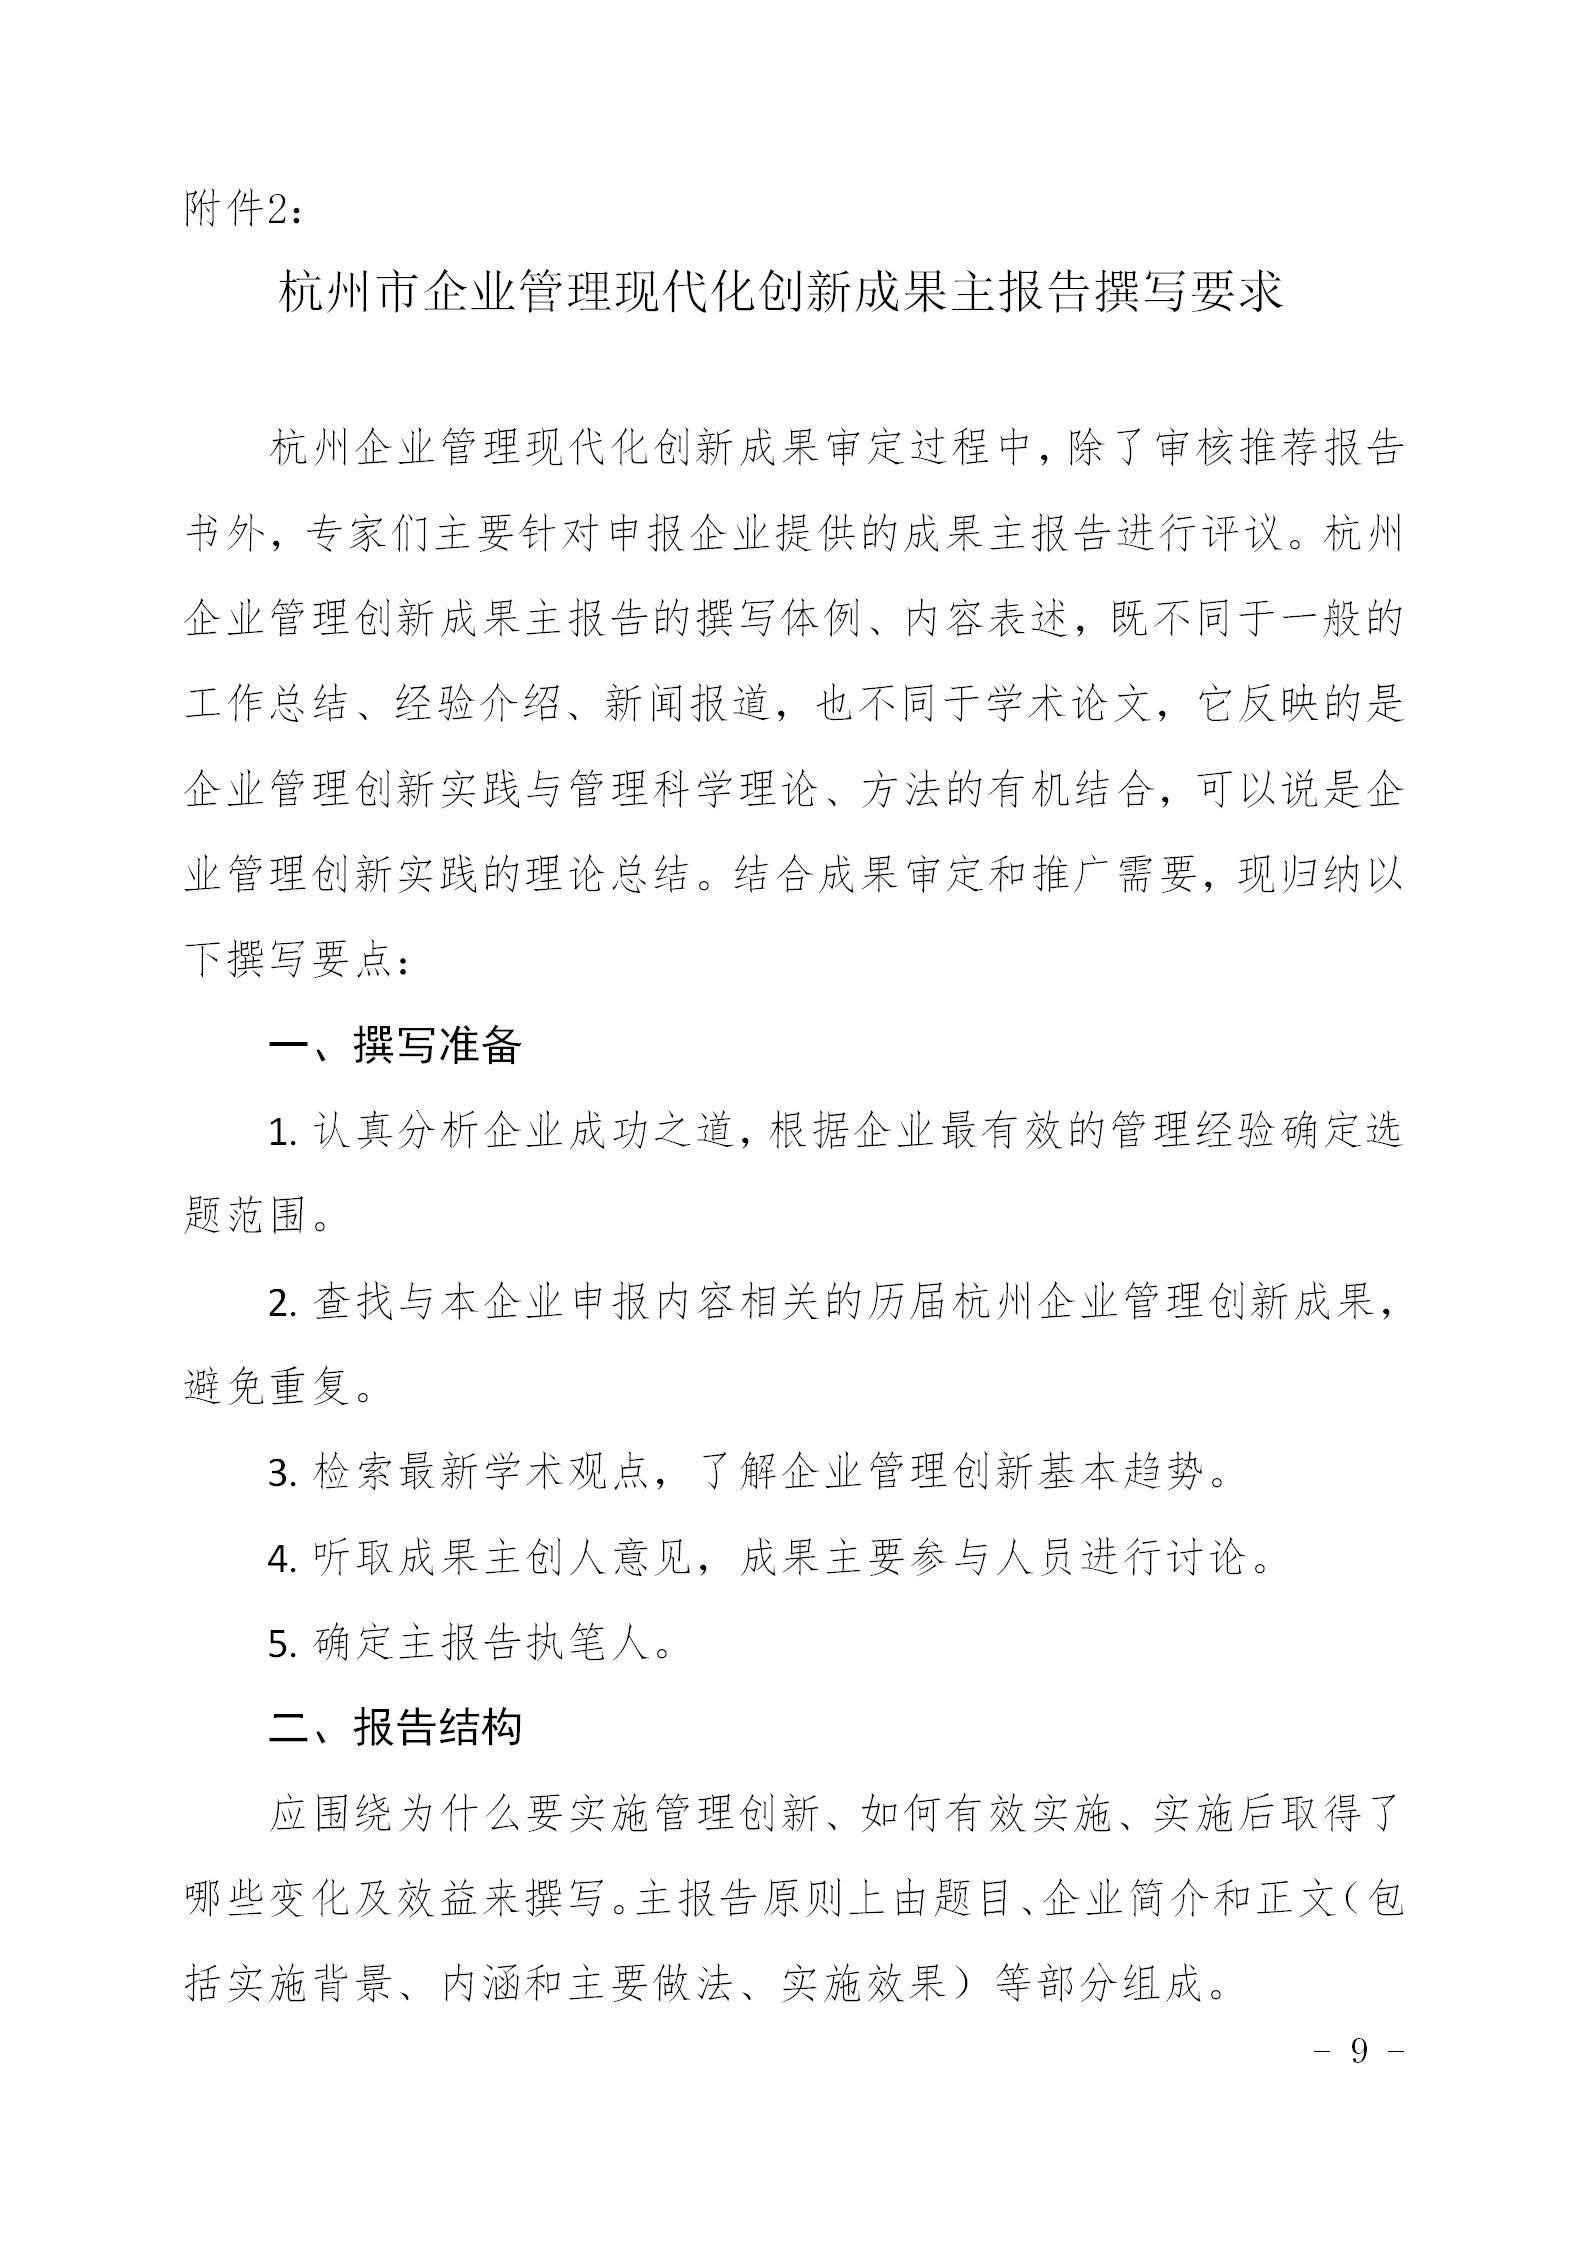 2020年杭州市企业管理现代化创新成果_09.jpg